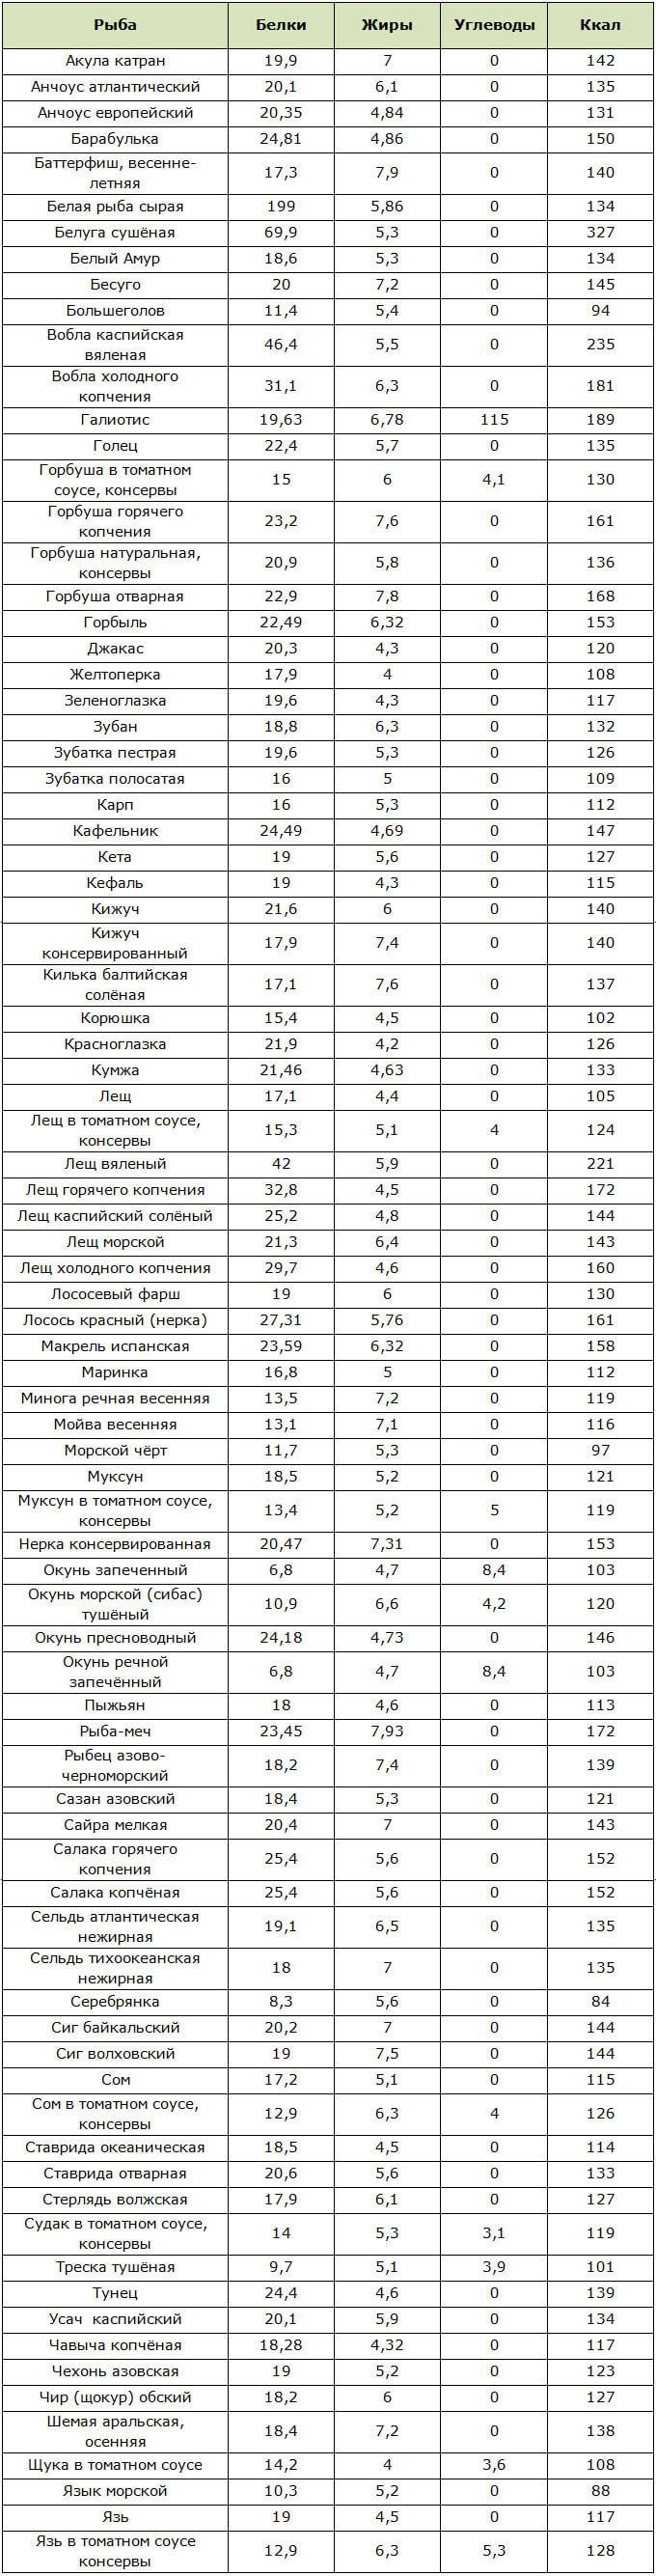 Калорийность и содержания БЖУ в рыбе умеренной жирности